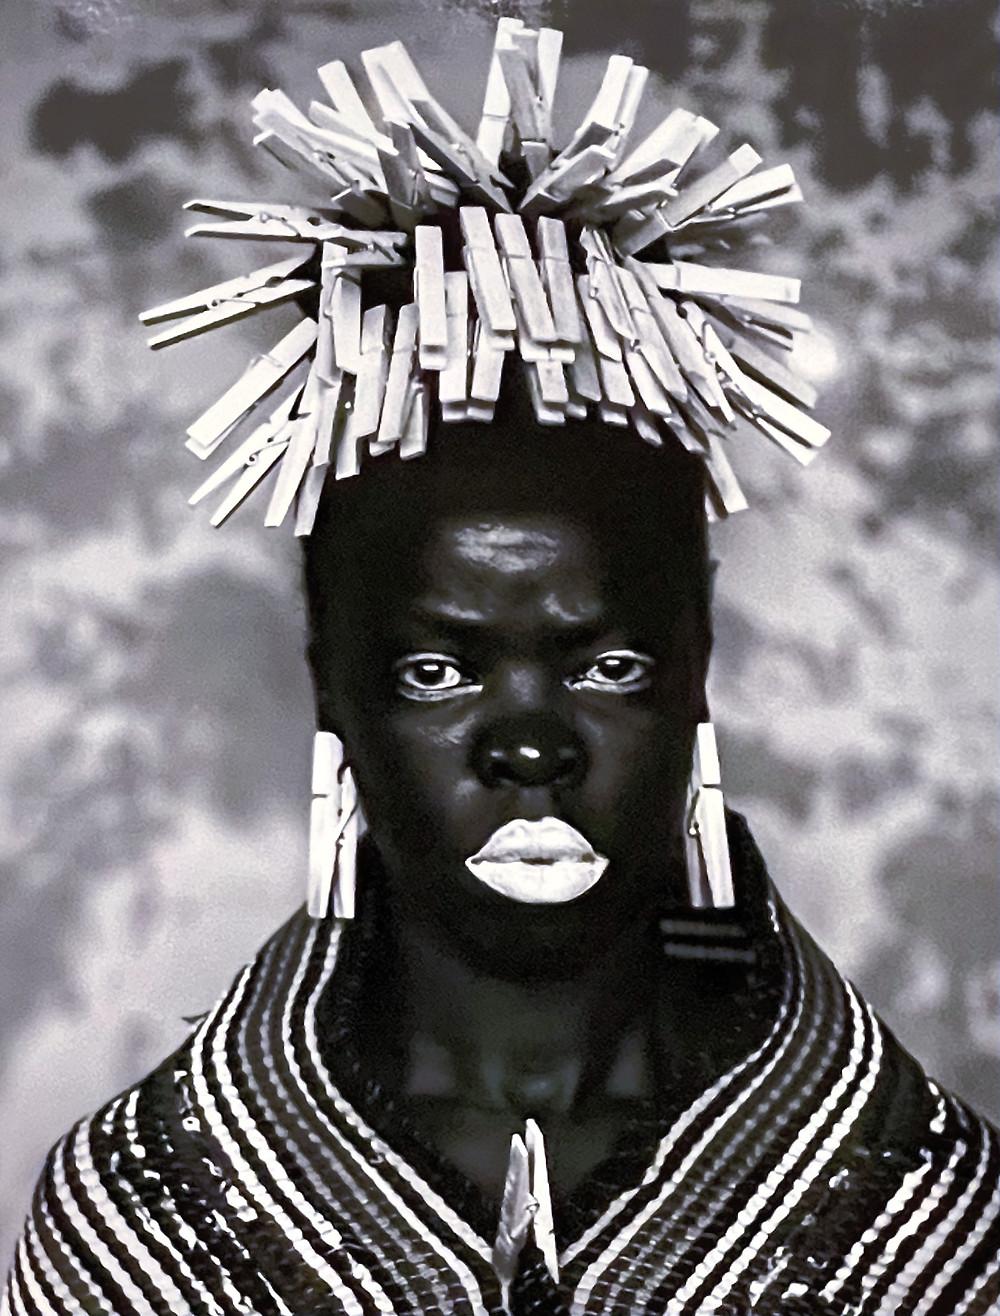 Bester I, Mayotte (2015), Somnyama Ngonyama, black and white photography, Zanel Muholi